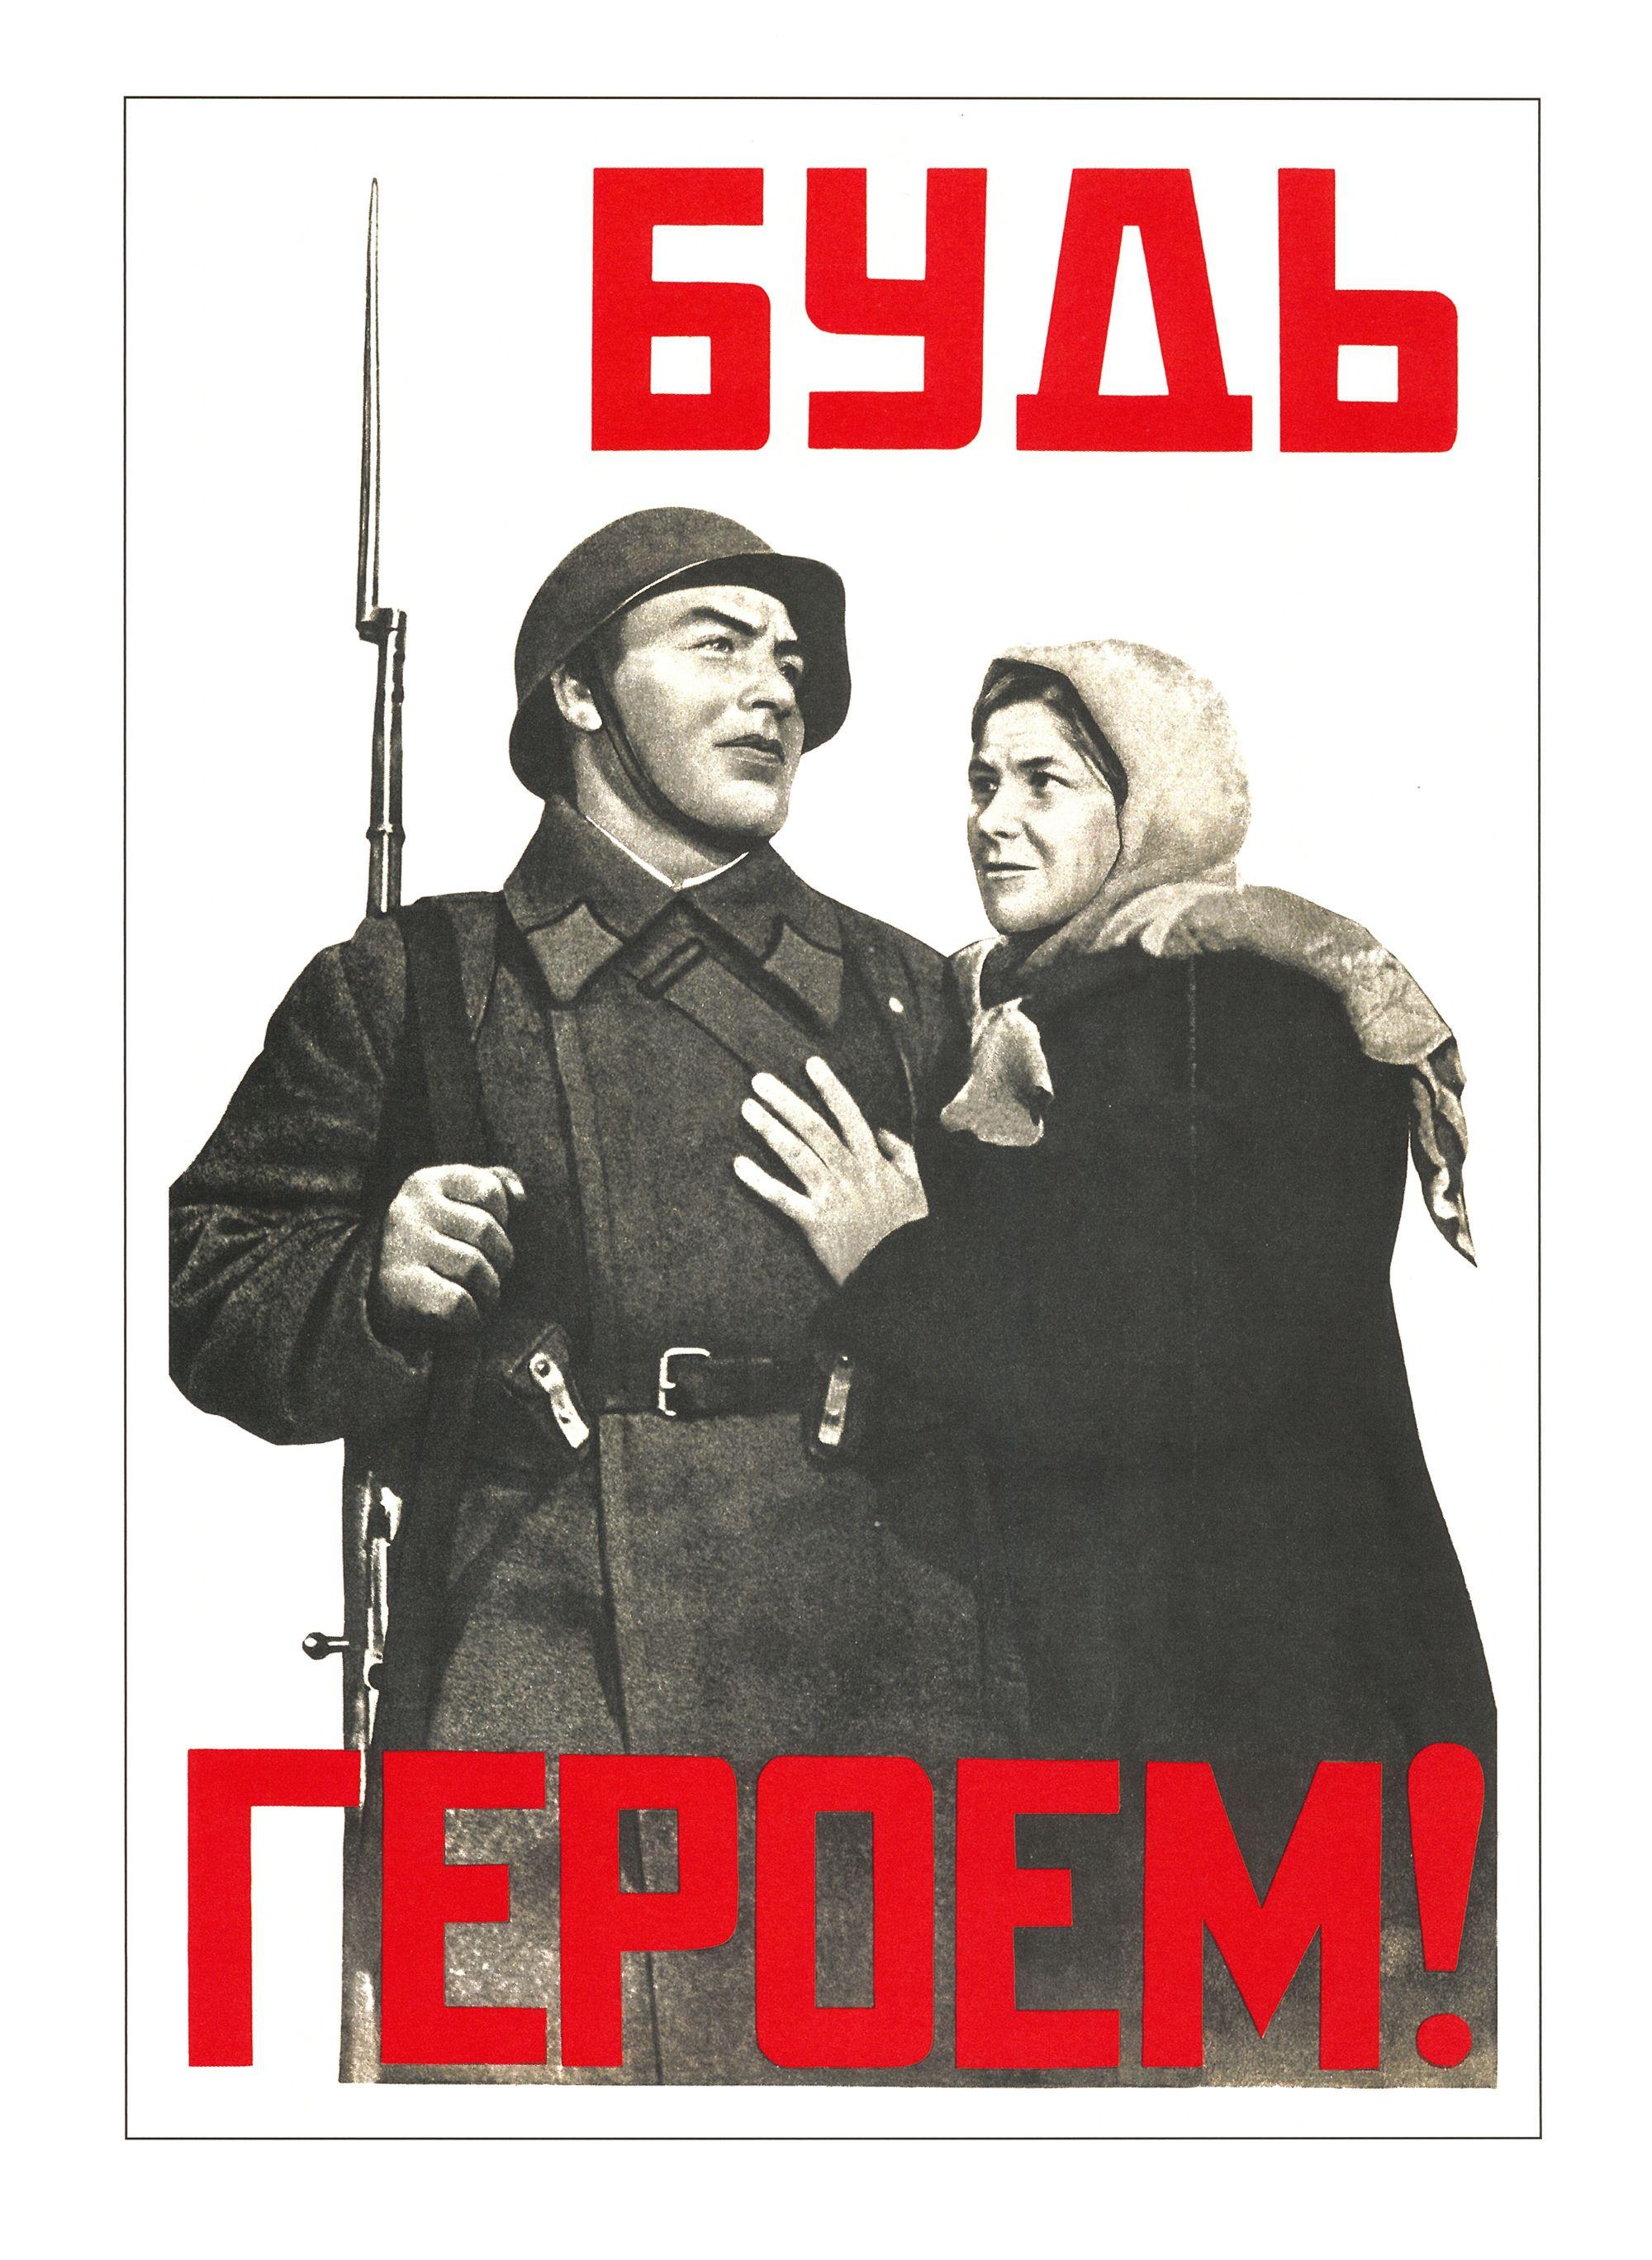 Картинки пропаганды ссср, поздравительные открытки